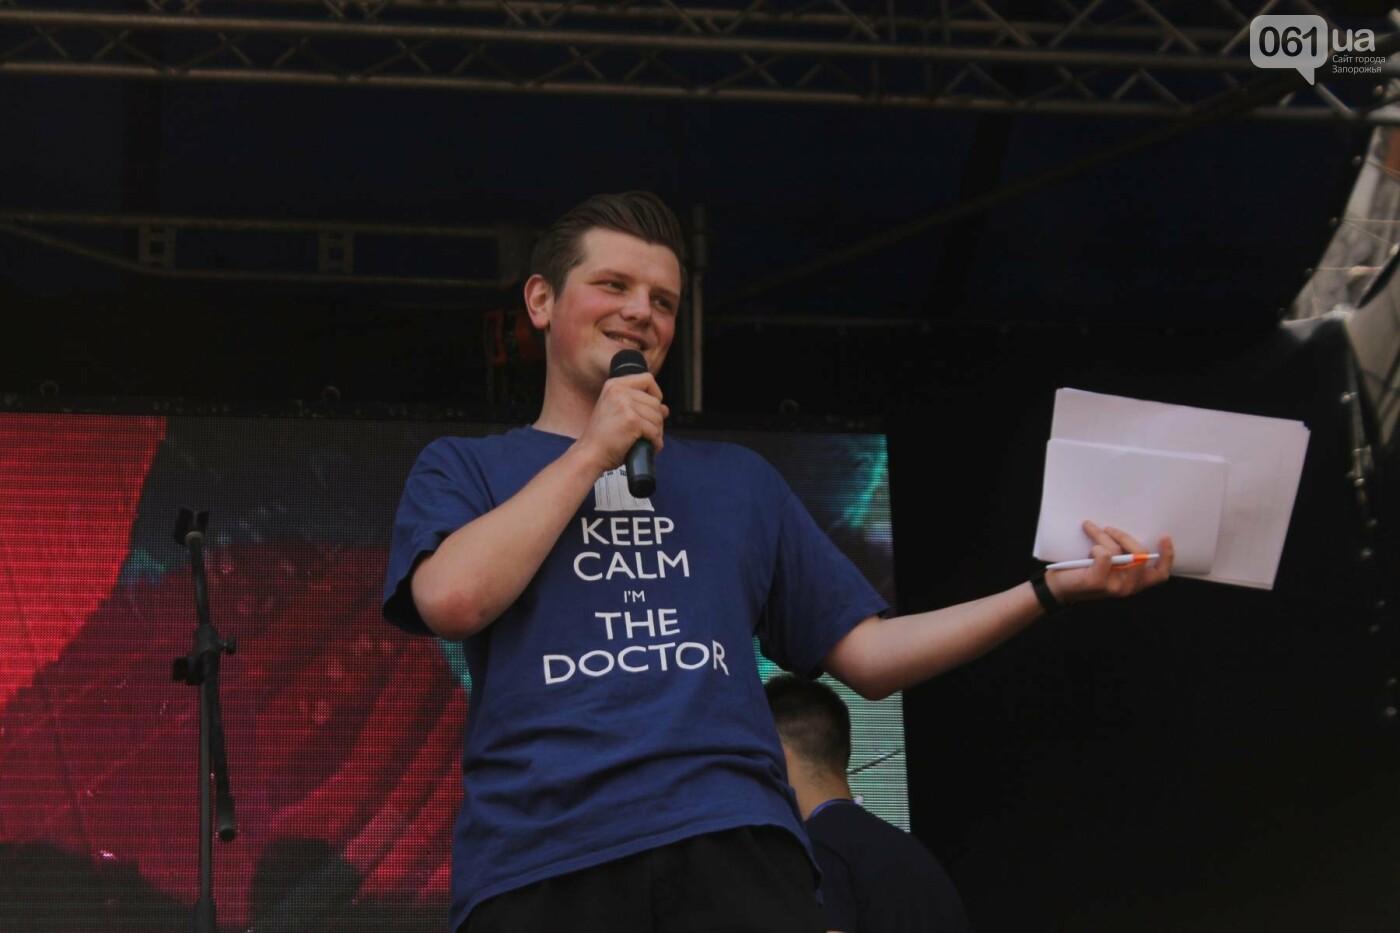 Фестиваль еды, концерты и развлечения: в Запорожье начался фестиваль ко Дню молодежи, – ФОТОРЕПОРТАЖ, фото-2